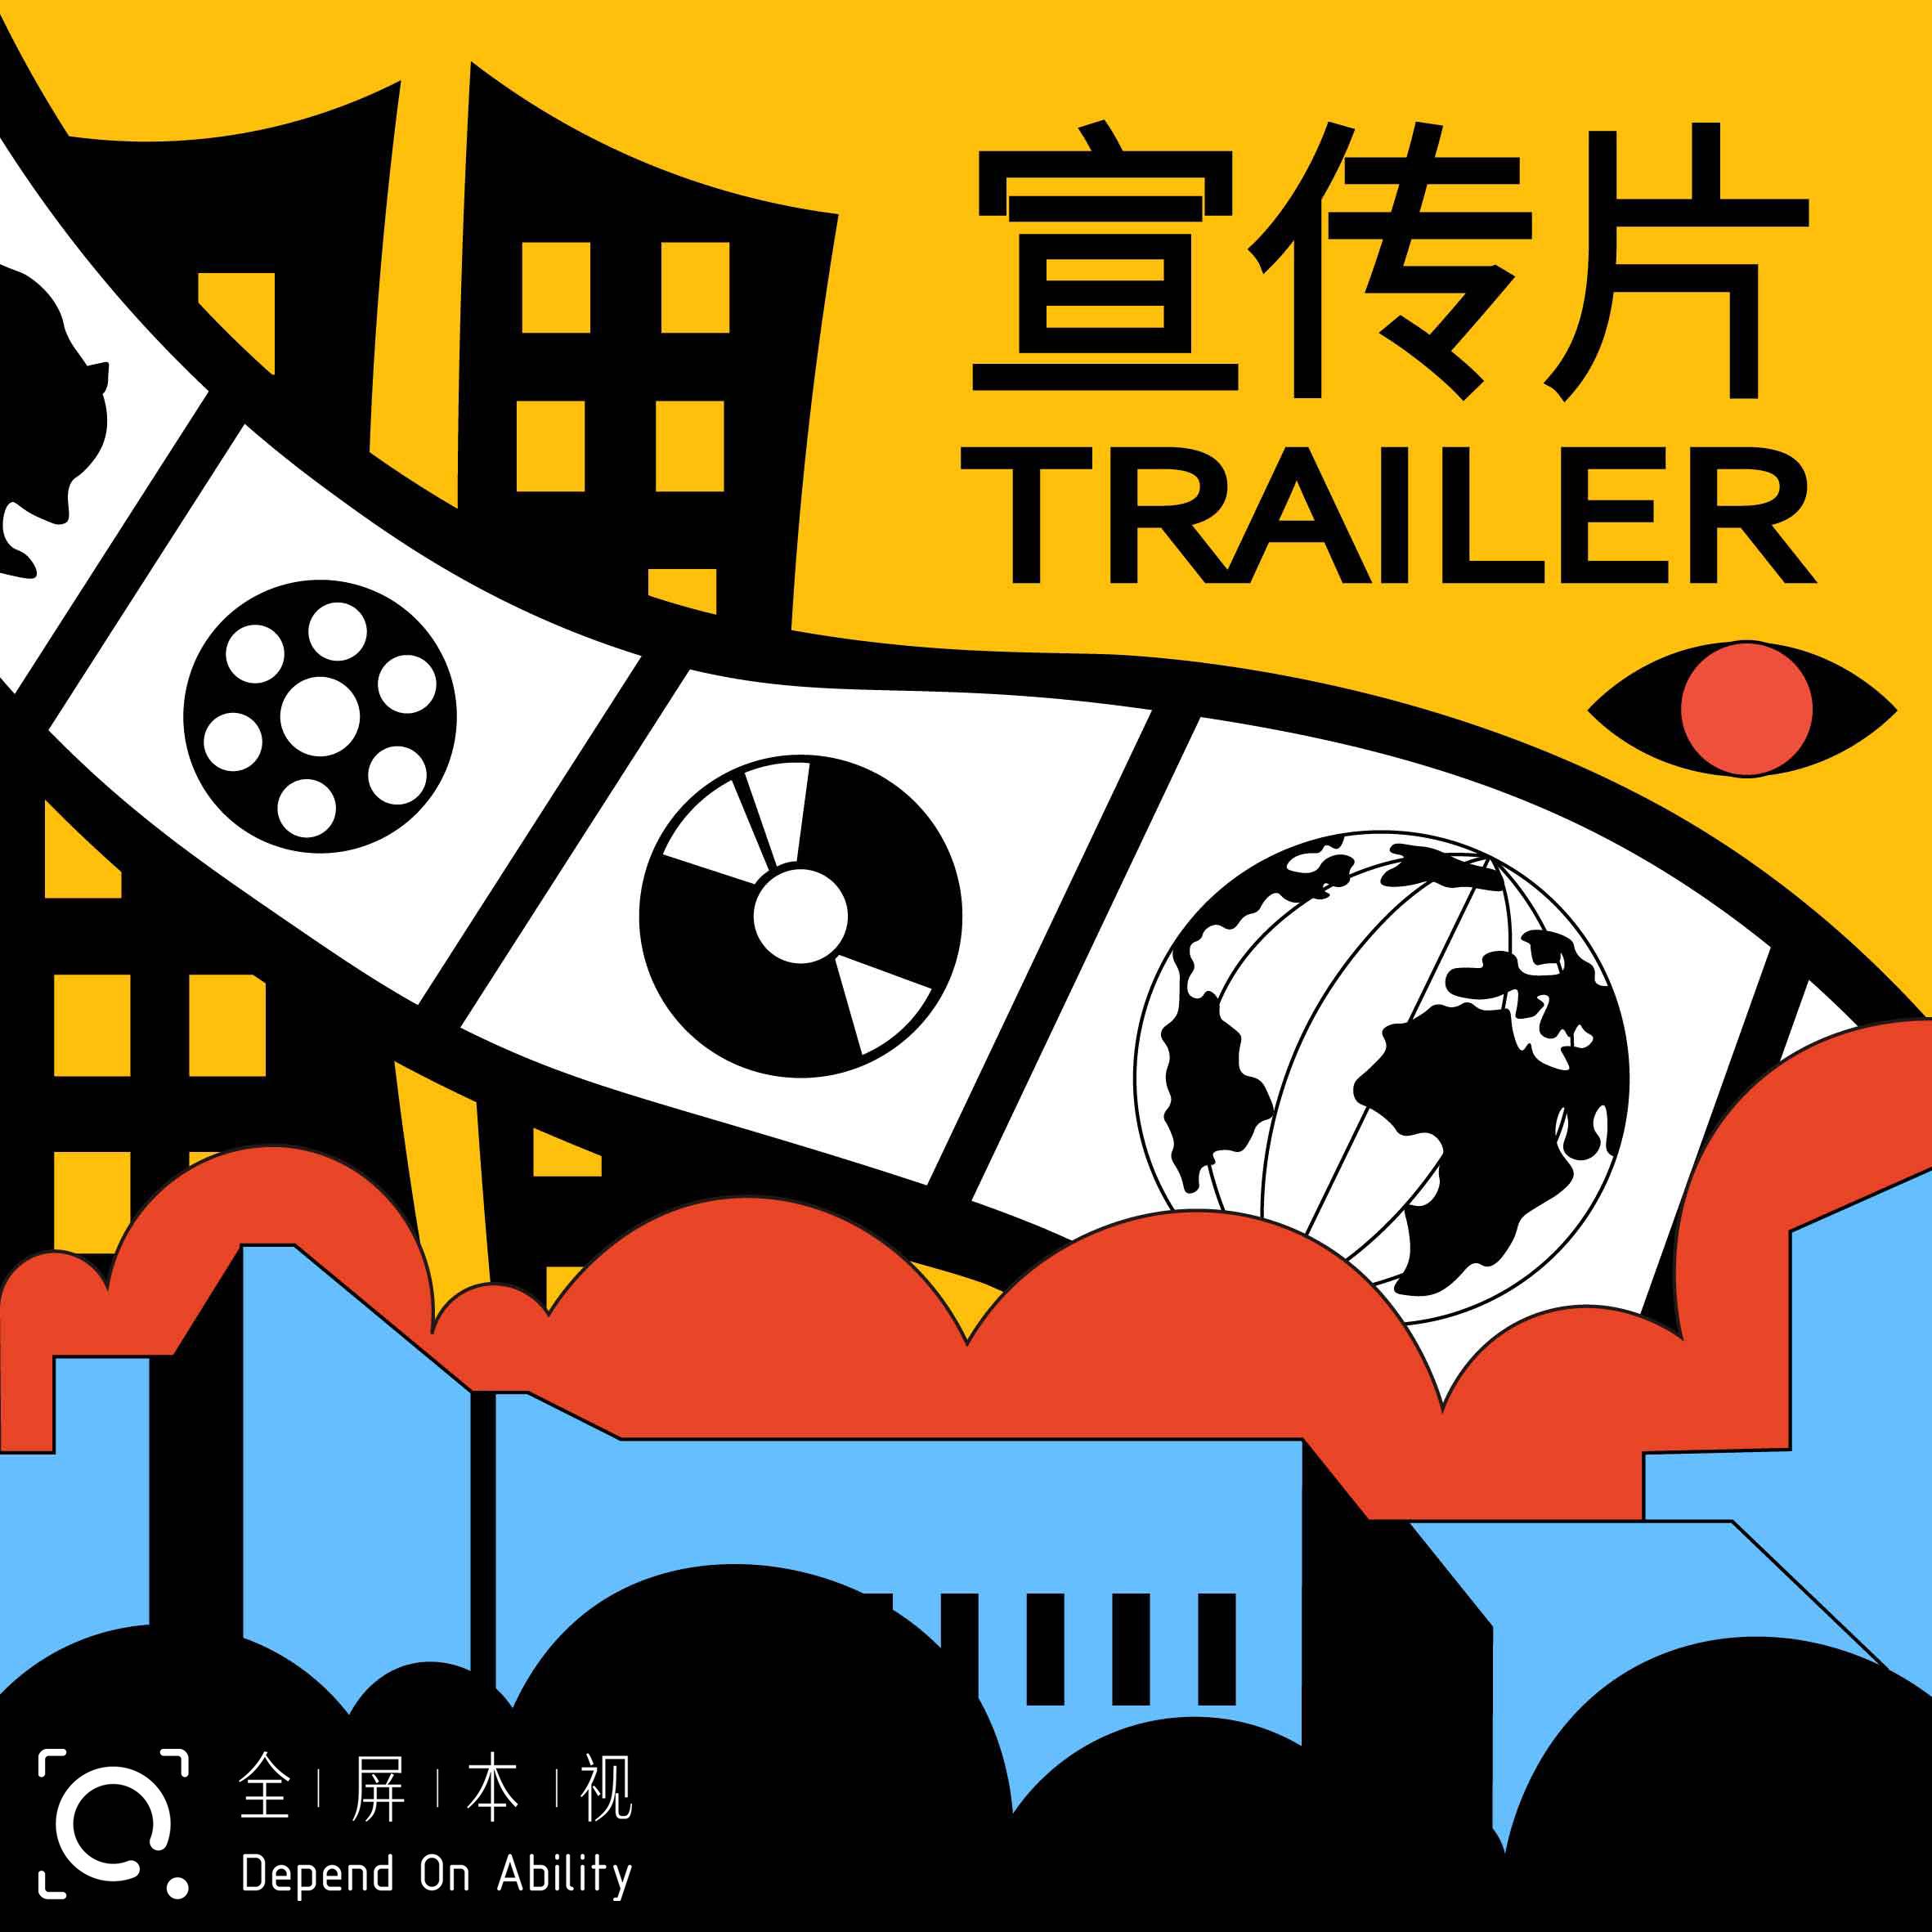 企业宣传片产品形象广告片视频微电影制作拍摄剪辑特效包装